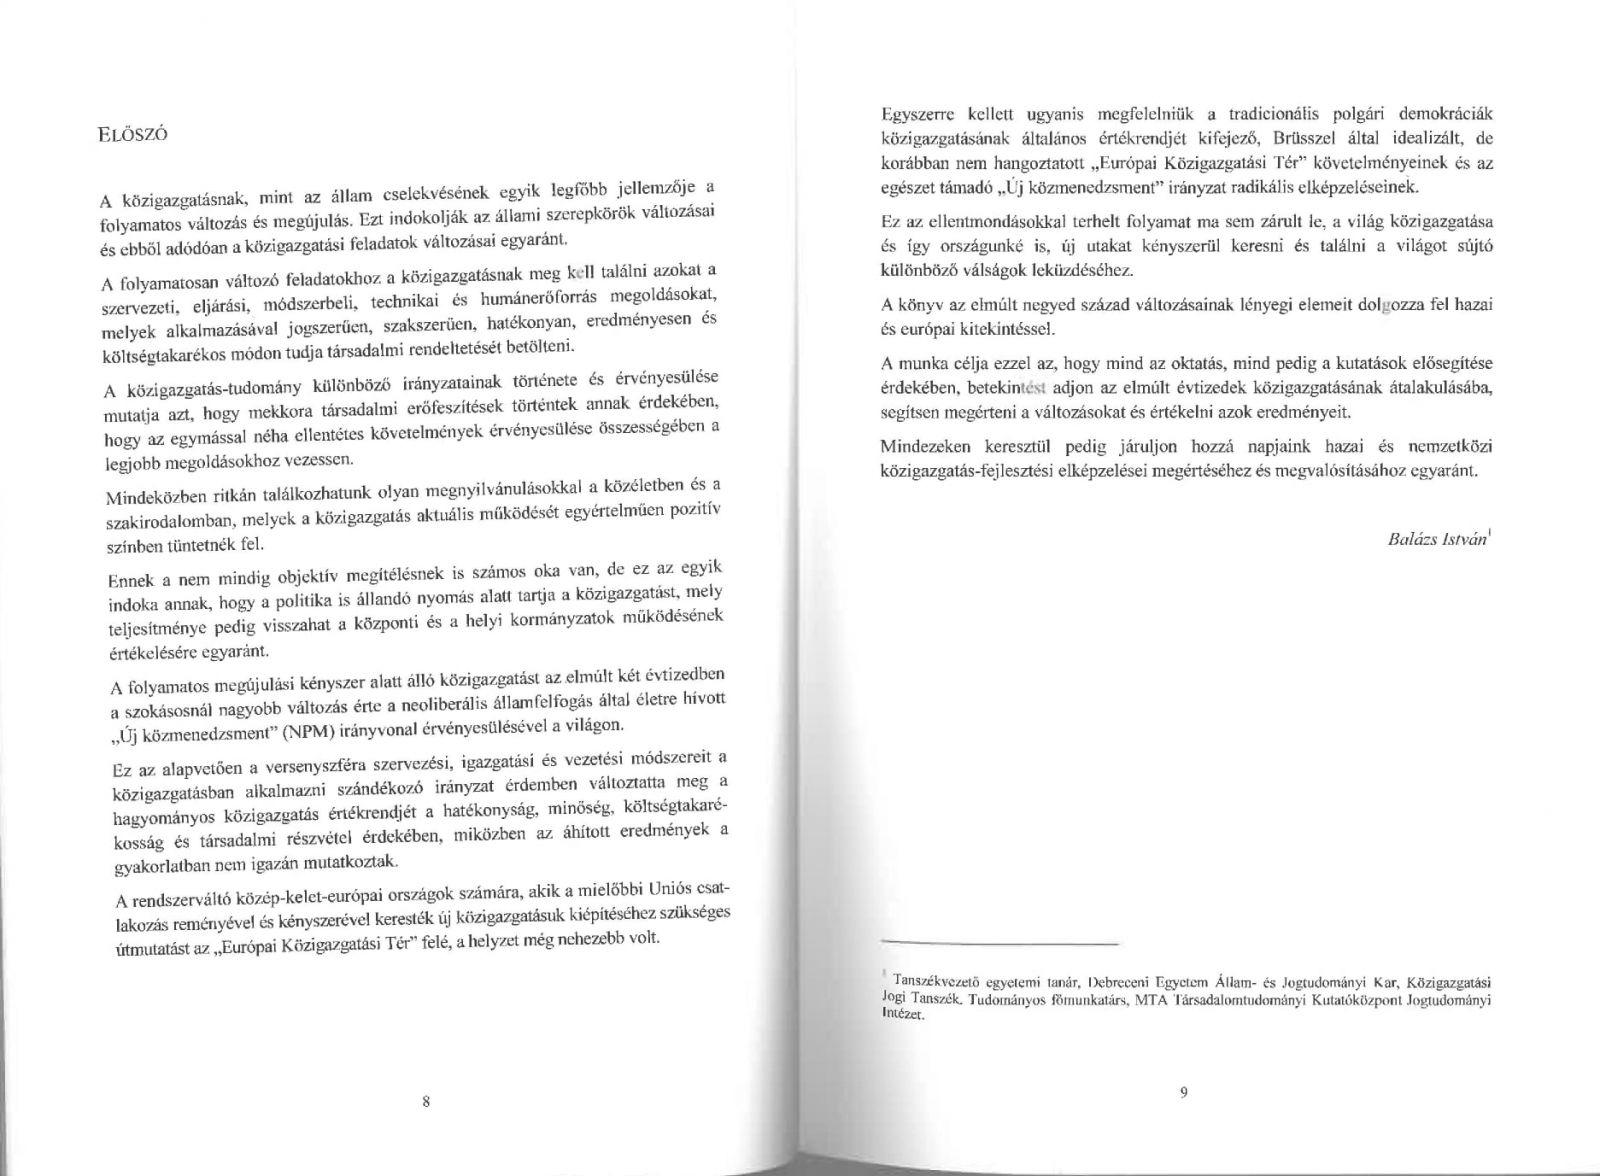 A közigazgatás változásairól Magyarországon és Európában a rendszerváltástól napjainkig